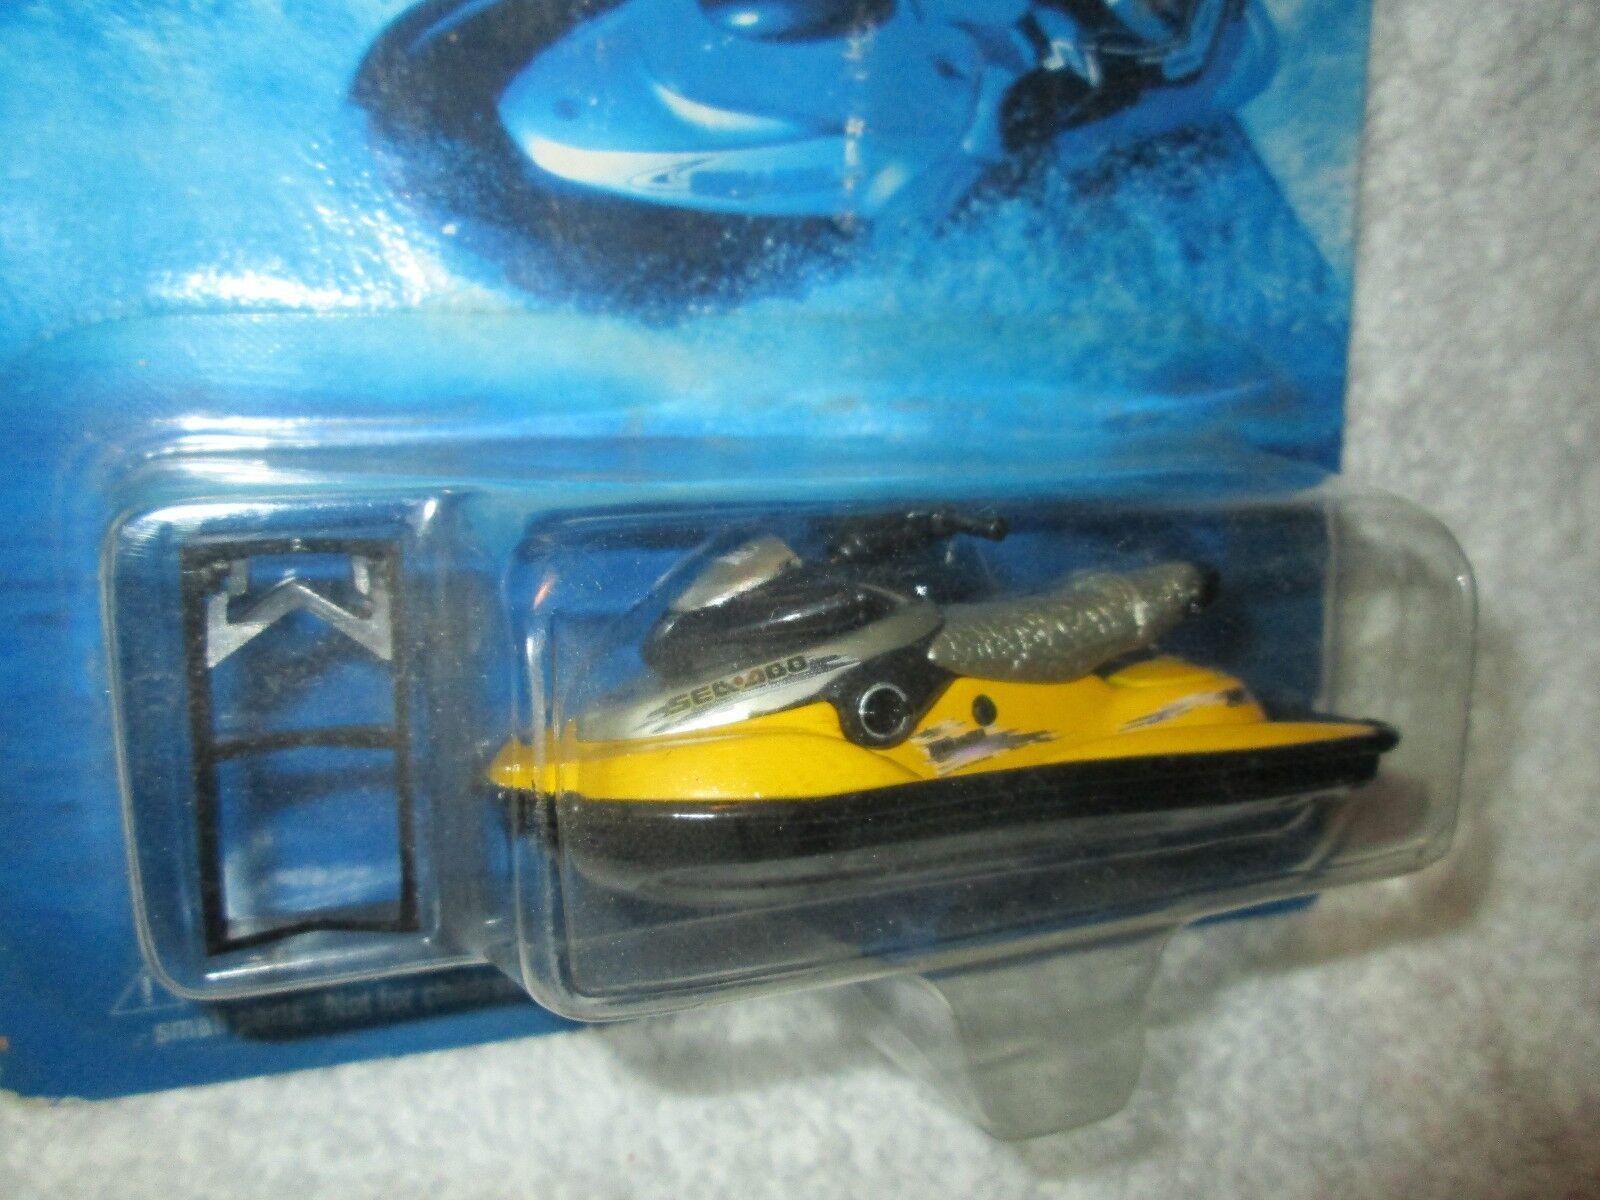 A la venta con descuento del 70%. Sea Doo Johnny Lightning Watercraft Watercraft Watercraft 1999 Modelo XP Limitado Sicktrix Jetski  ganancia cero